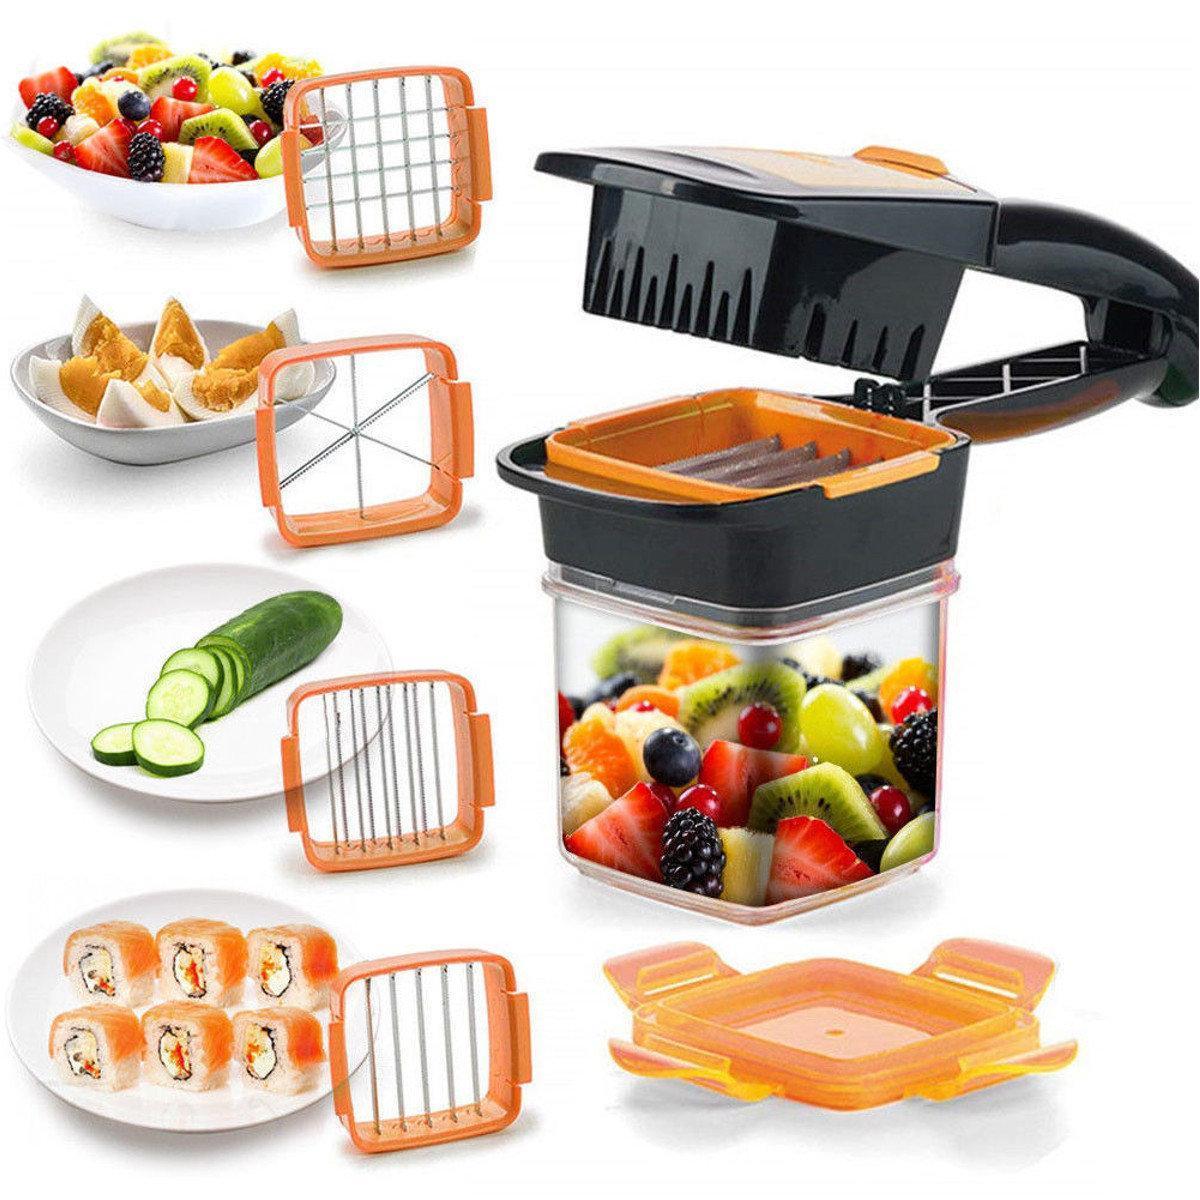 """Овощерезка с контейнером и насадками """"Секунда"""" оранжевая Приятная готовка!"""